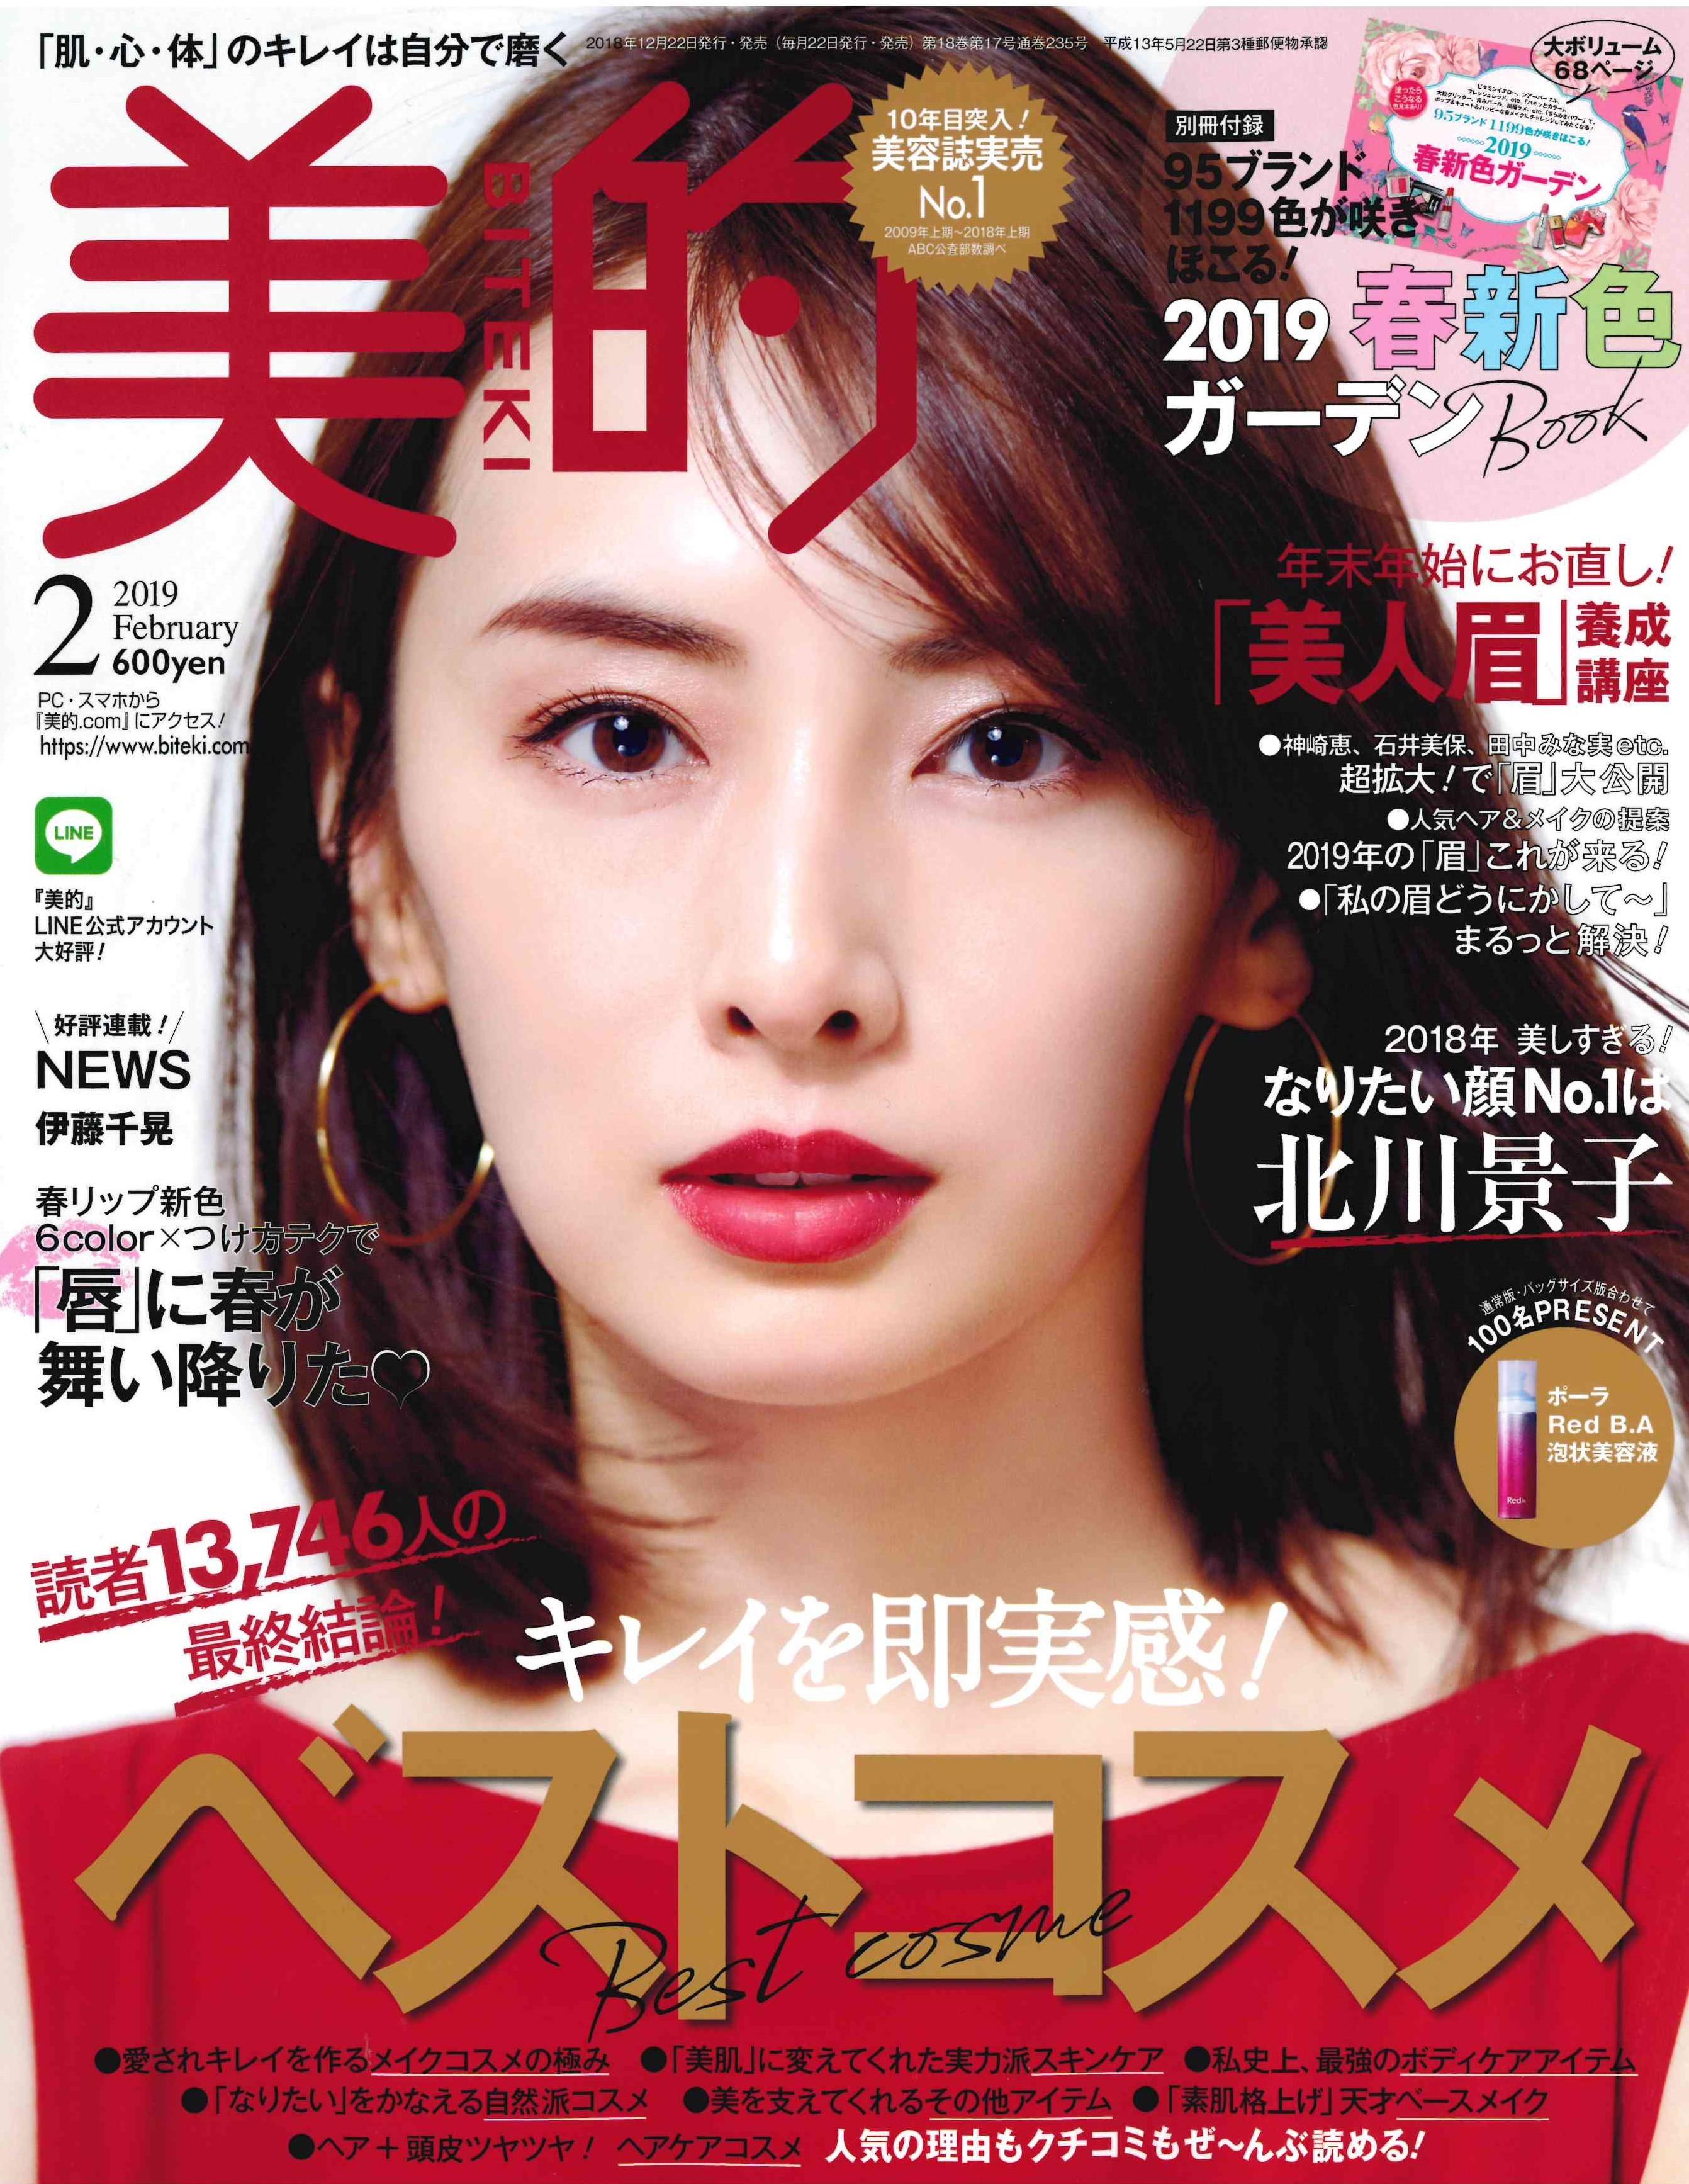 美的2019・2月号「MENINAZ 新シリーズ」掲載